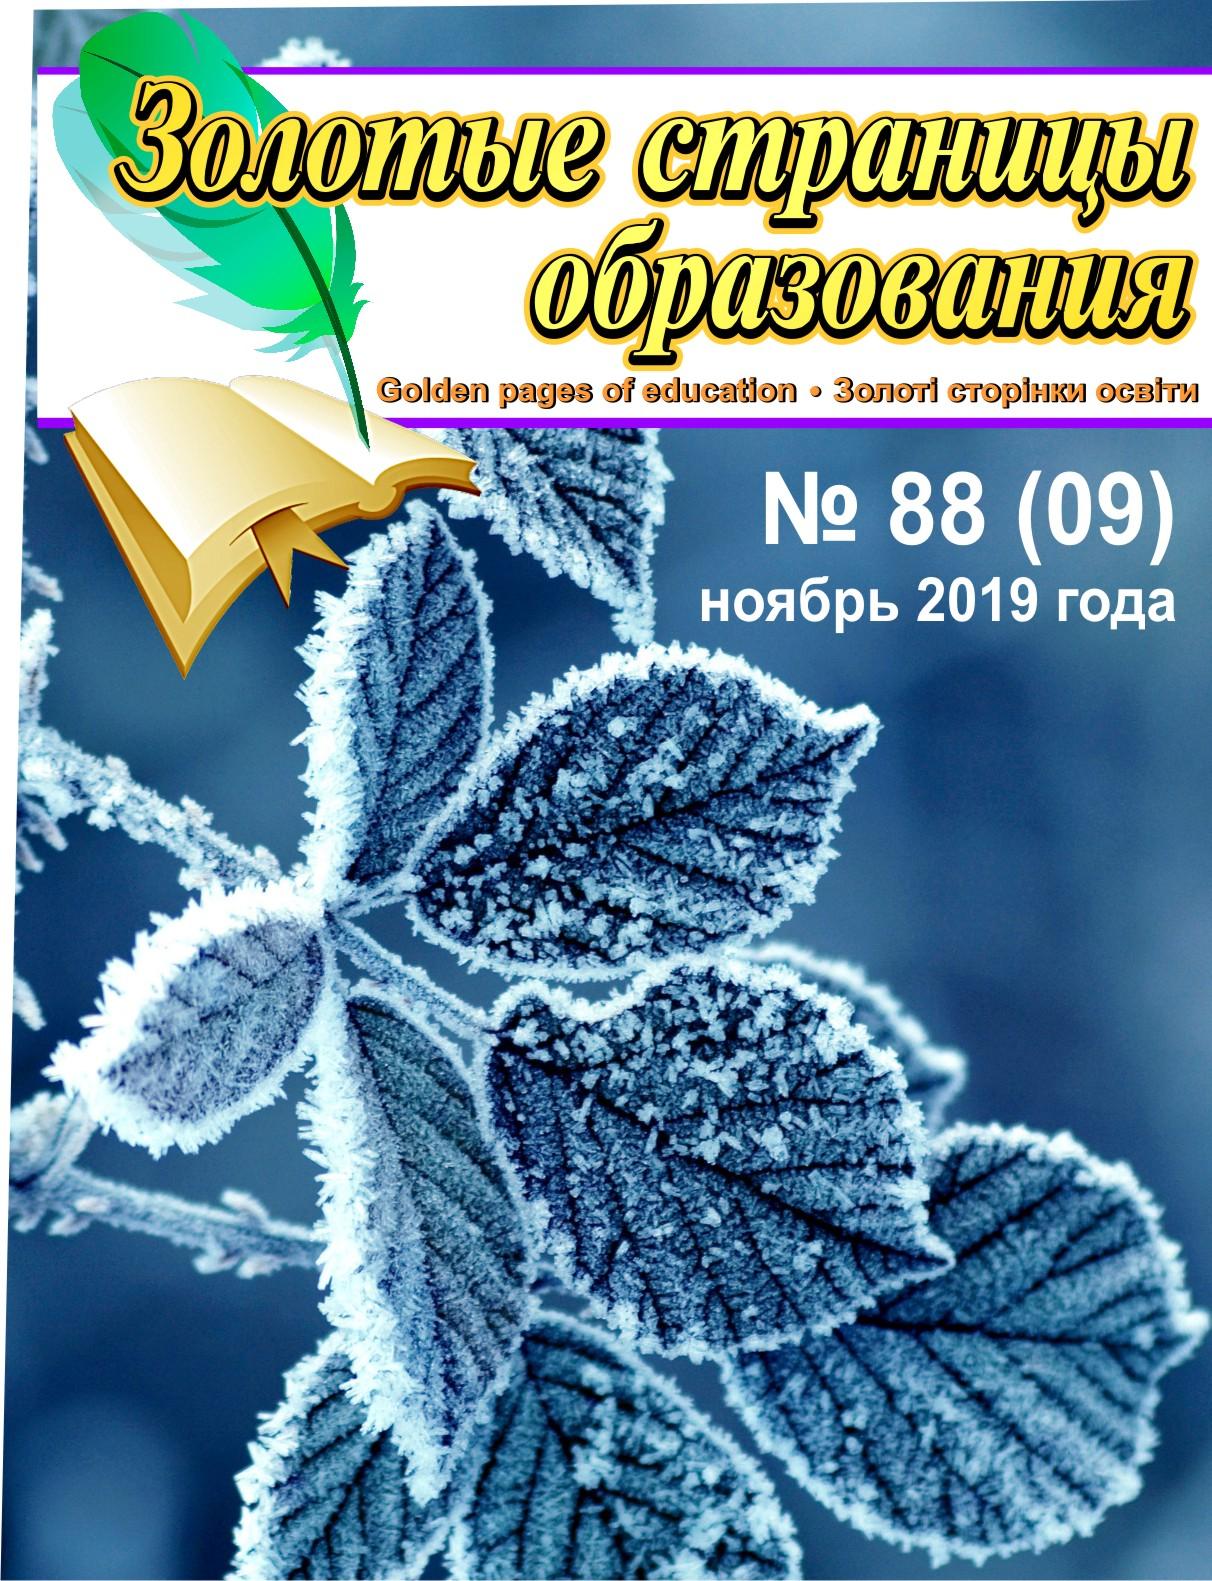 ОБЛОЖКА 09 2019